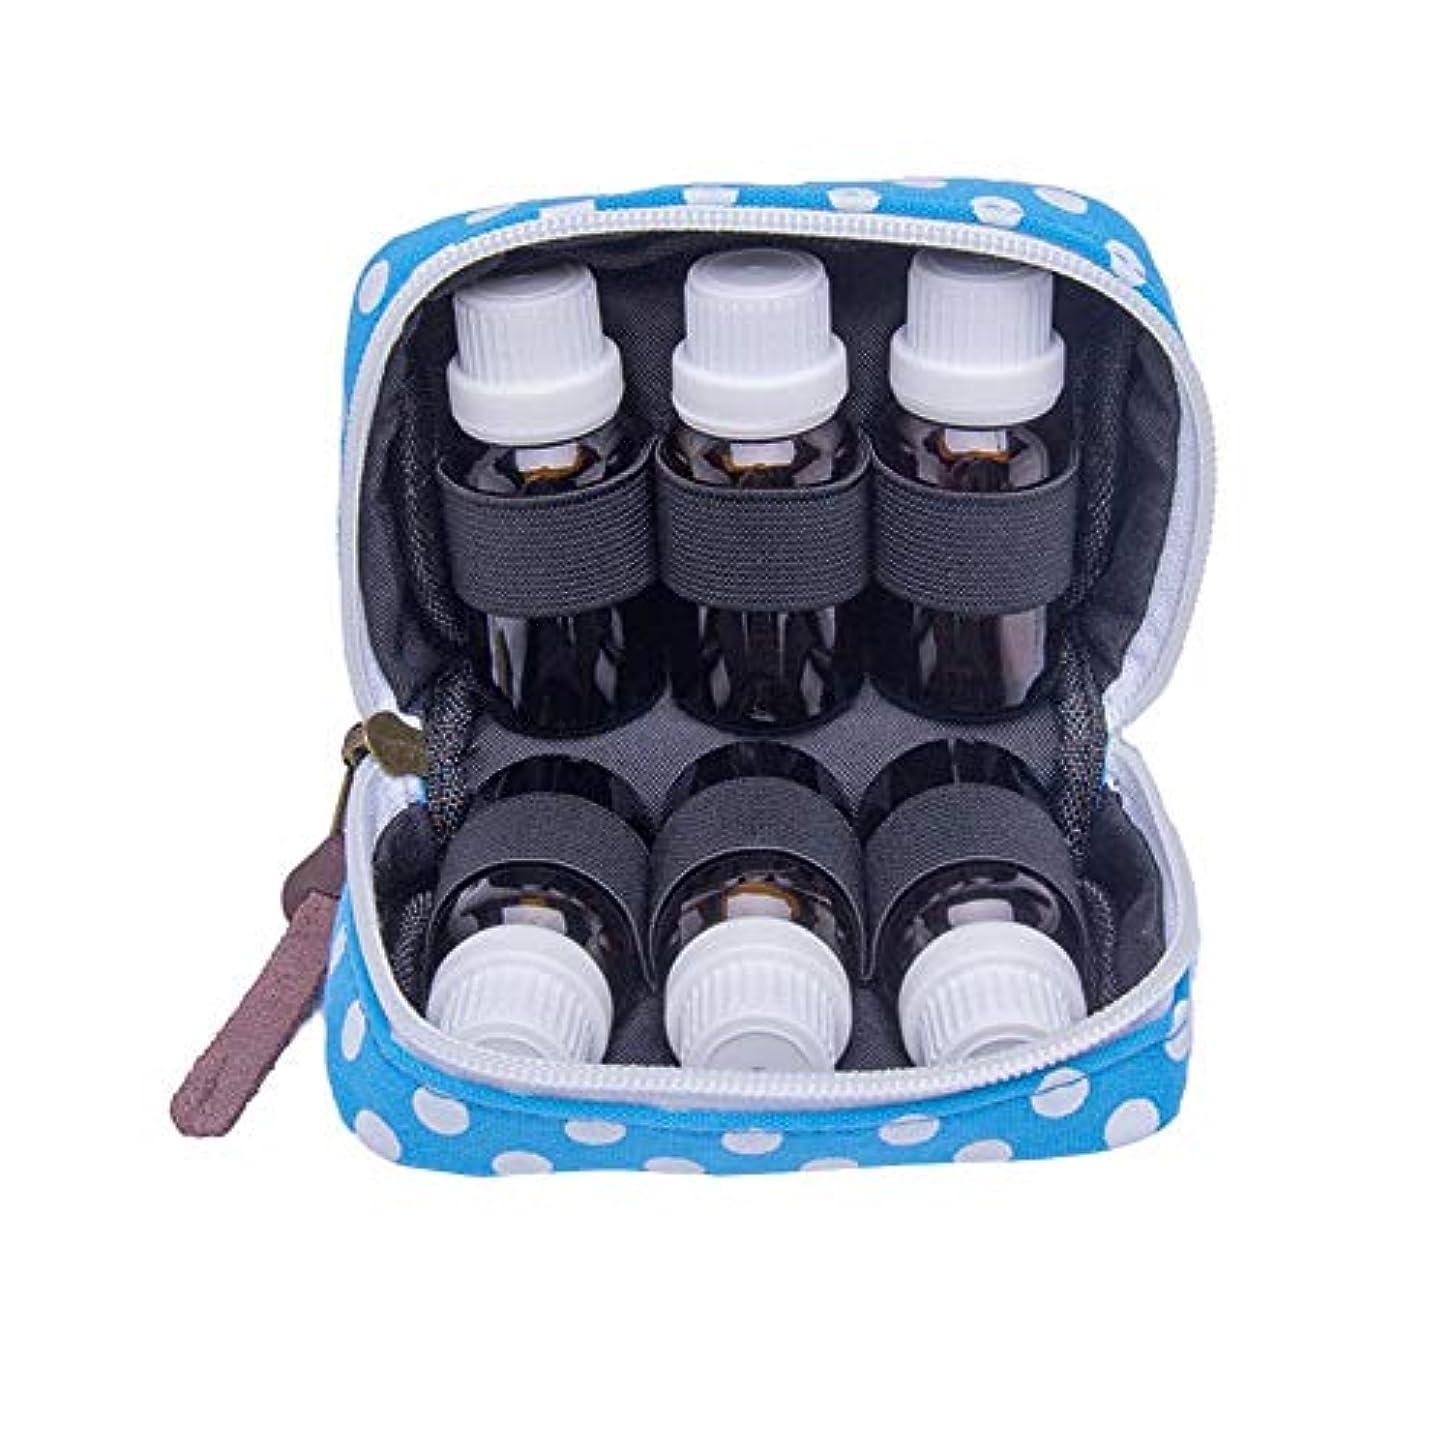 アジア熟考する葬儀Pursue エッセンシャルオイル収納ケース アロマオイル収納ボックス アロマポーチ収納ケース 耐震 携帯便利 香水収納ポーチ 化粧ポーチ 6本用